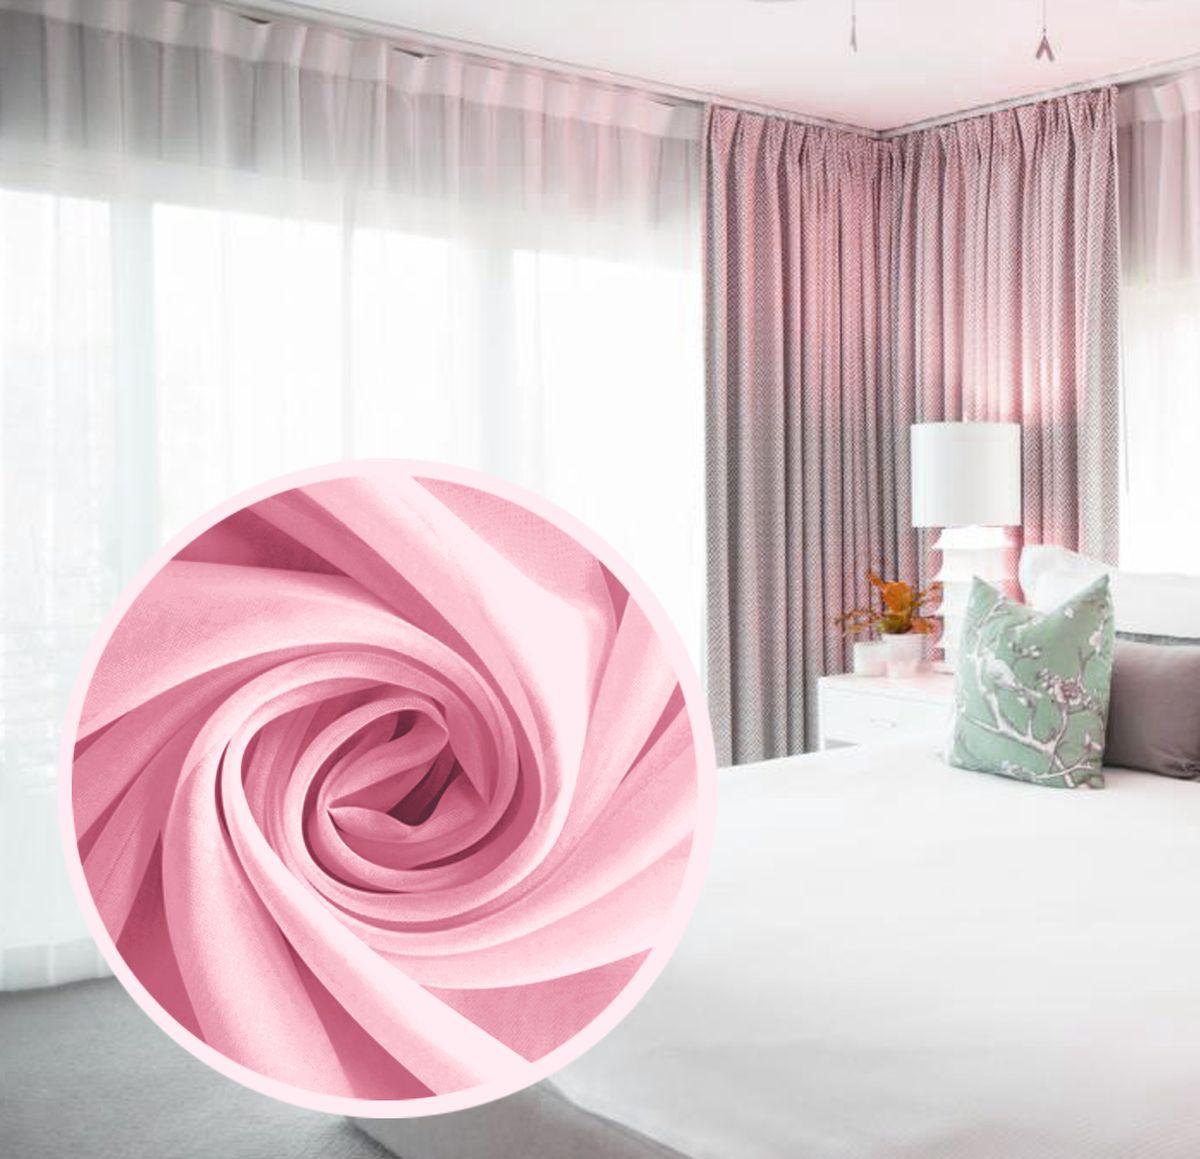 Вуаль Amore Mio Однотонная, на ленте, цвет: розовый, высота 270 см. 7755777557Amore Mio - однотонная легкая вуаль нежного цвета в классическом исполнении. Выполнена из полиэстера.Вуаль незаменимая деталь в оформлении окон спальни и гостиной. Она отлично сочетается практически с любыми портьерами. Изделие на шторной ленте, готово к использованию. Размер: 300 х 270 см.